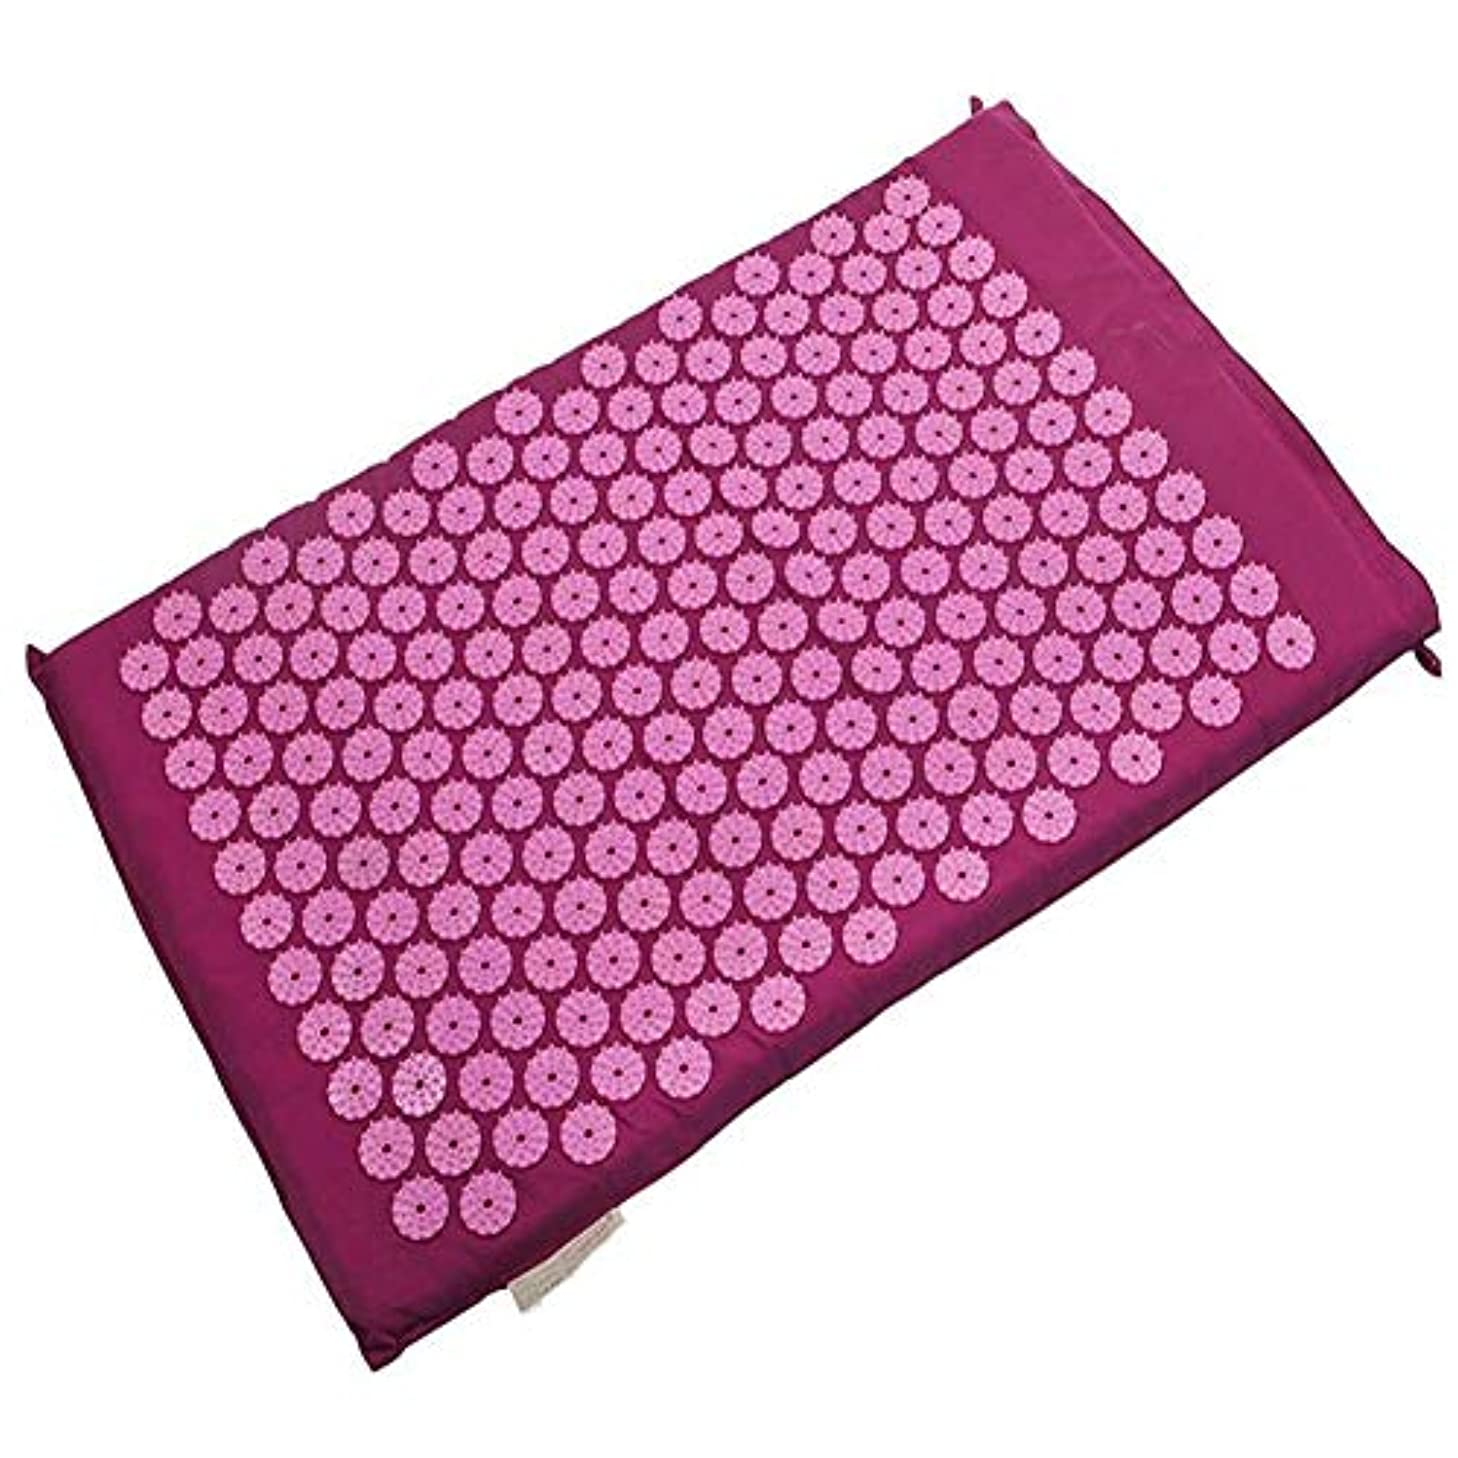 シャッター現代交換可能鍼massageマッサージヨガマット、オリジナルの指圧枕、首と肩のマッサージ、健康なだめるようなマッサージクッションマッサージクッション,Mat Purple(B)